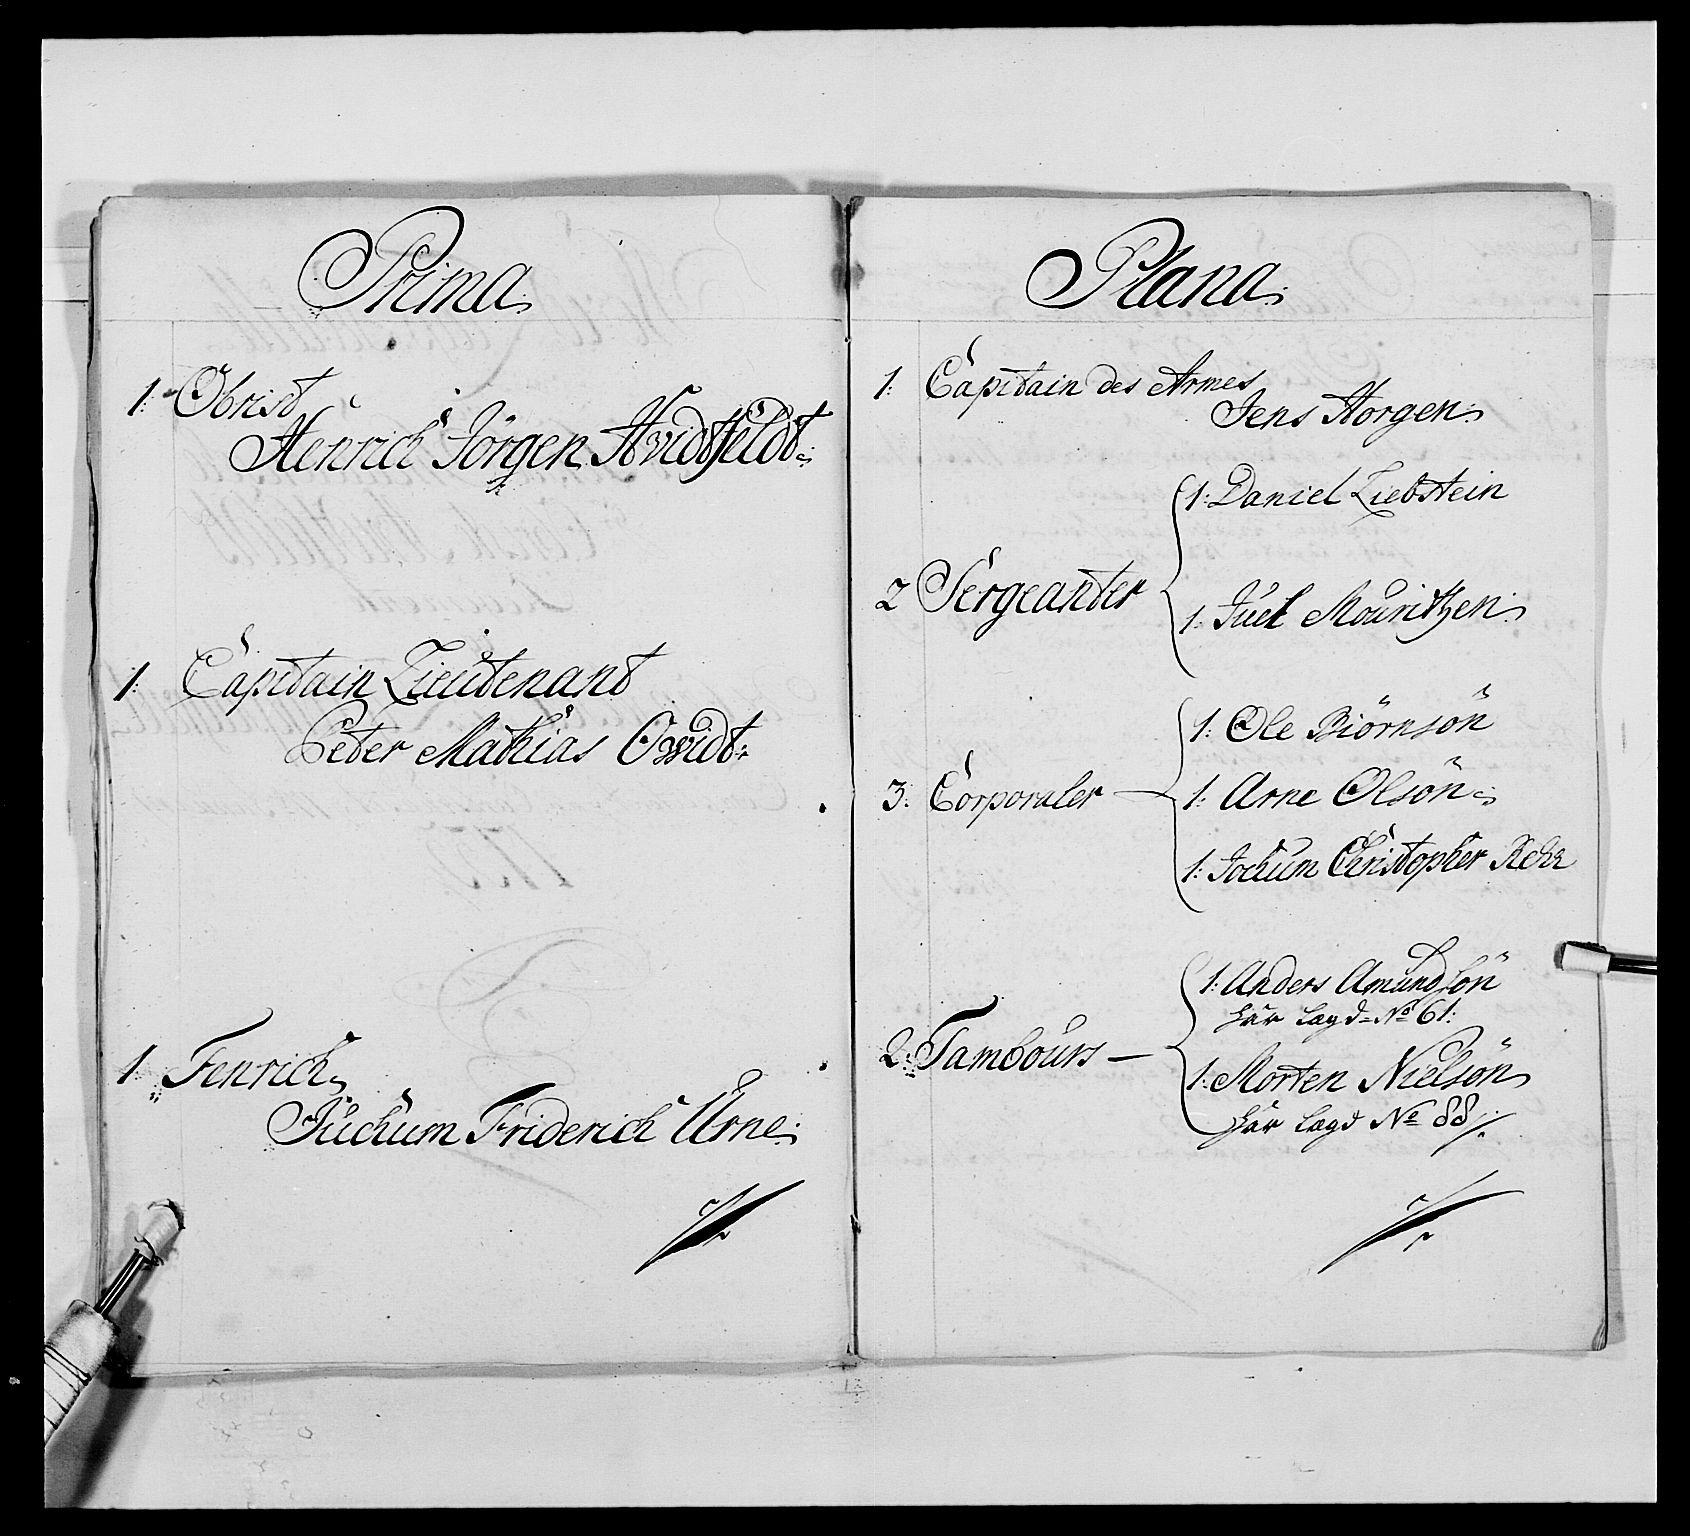 RA, Kommanderende general (KG I) med Det norske krigsdirektorium, E/Ea/L0495: 1. Smålenske regiment, 1732-1763, s. 34